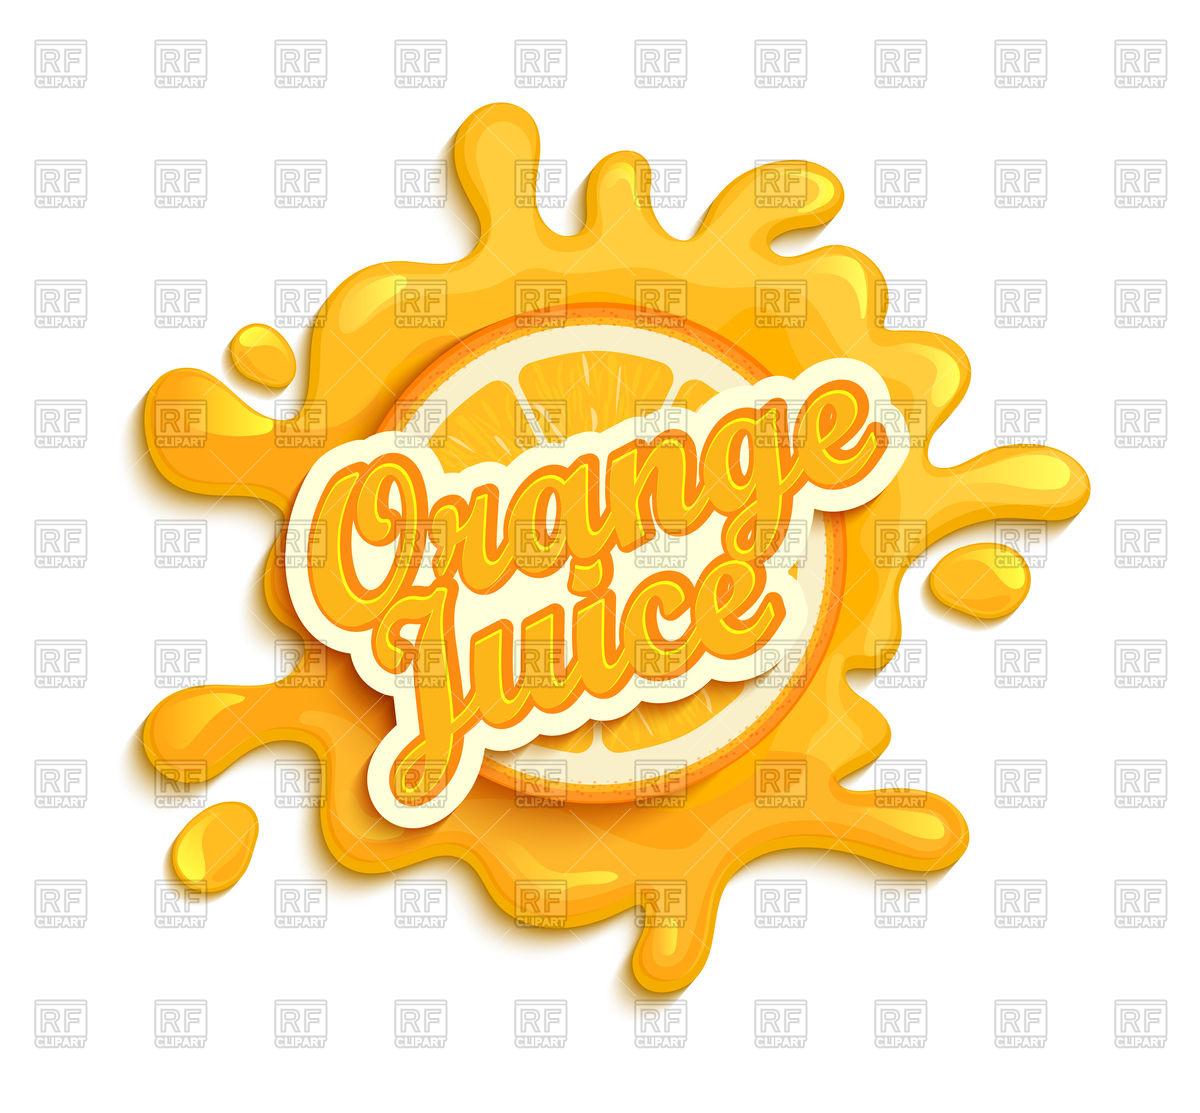 1200x1113 Orange Juice Emblem With Splash On White Background Vector Image